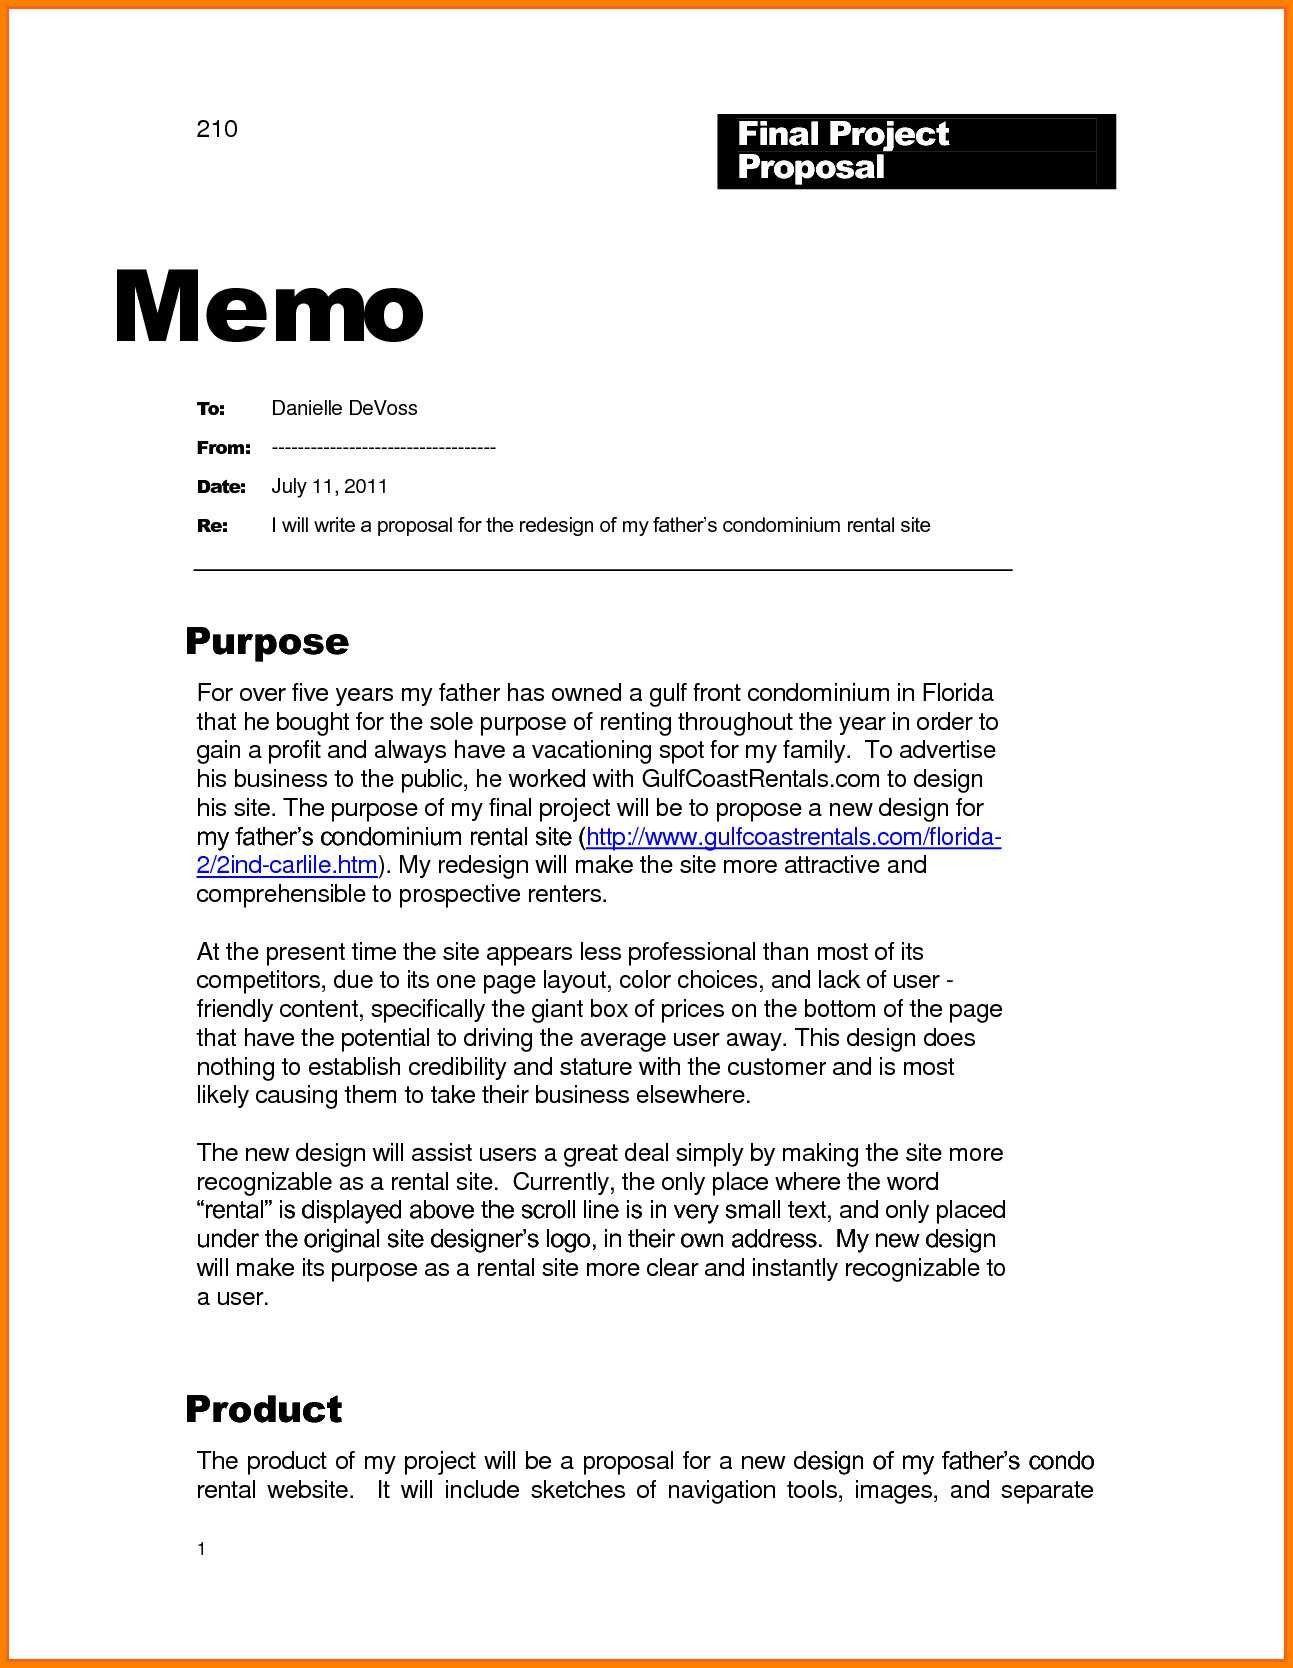 New Sample For A Memo Business Memo Memo Examples Memo Format